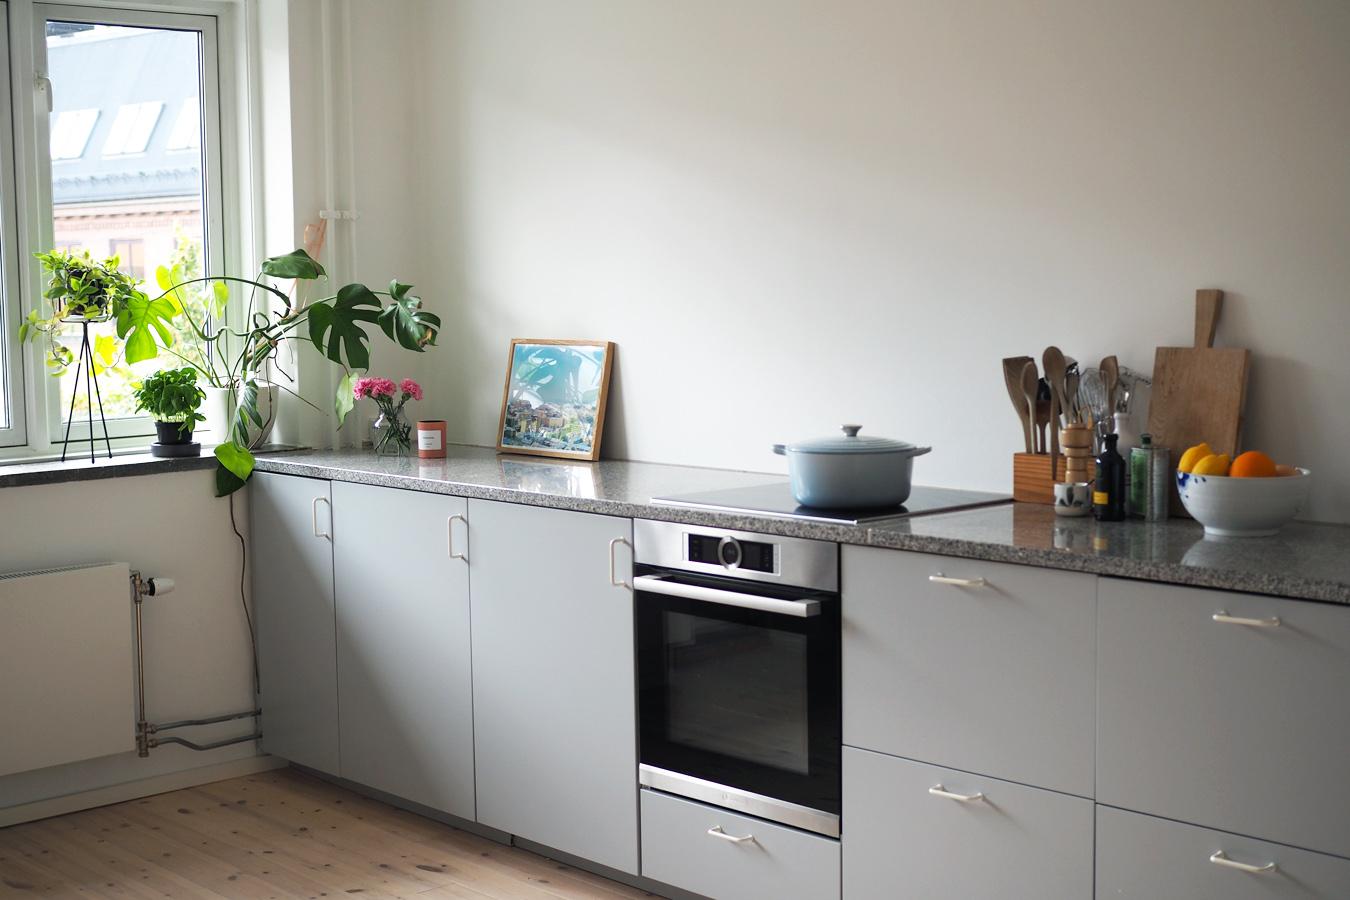 Bli med inn på kjøkkenet mitt - Julies Matblogg